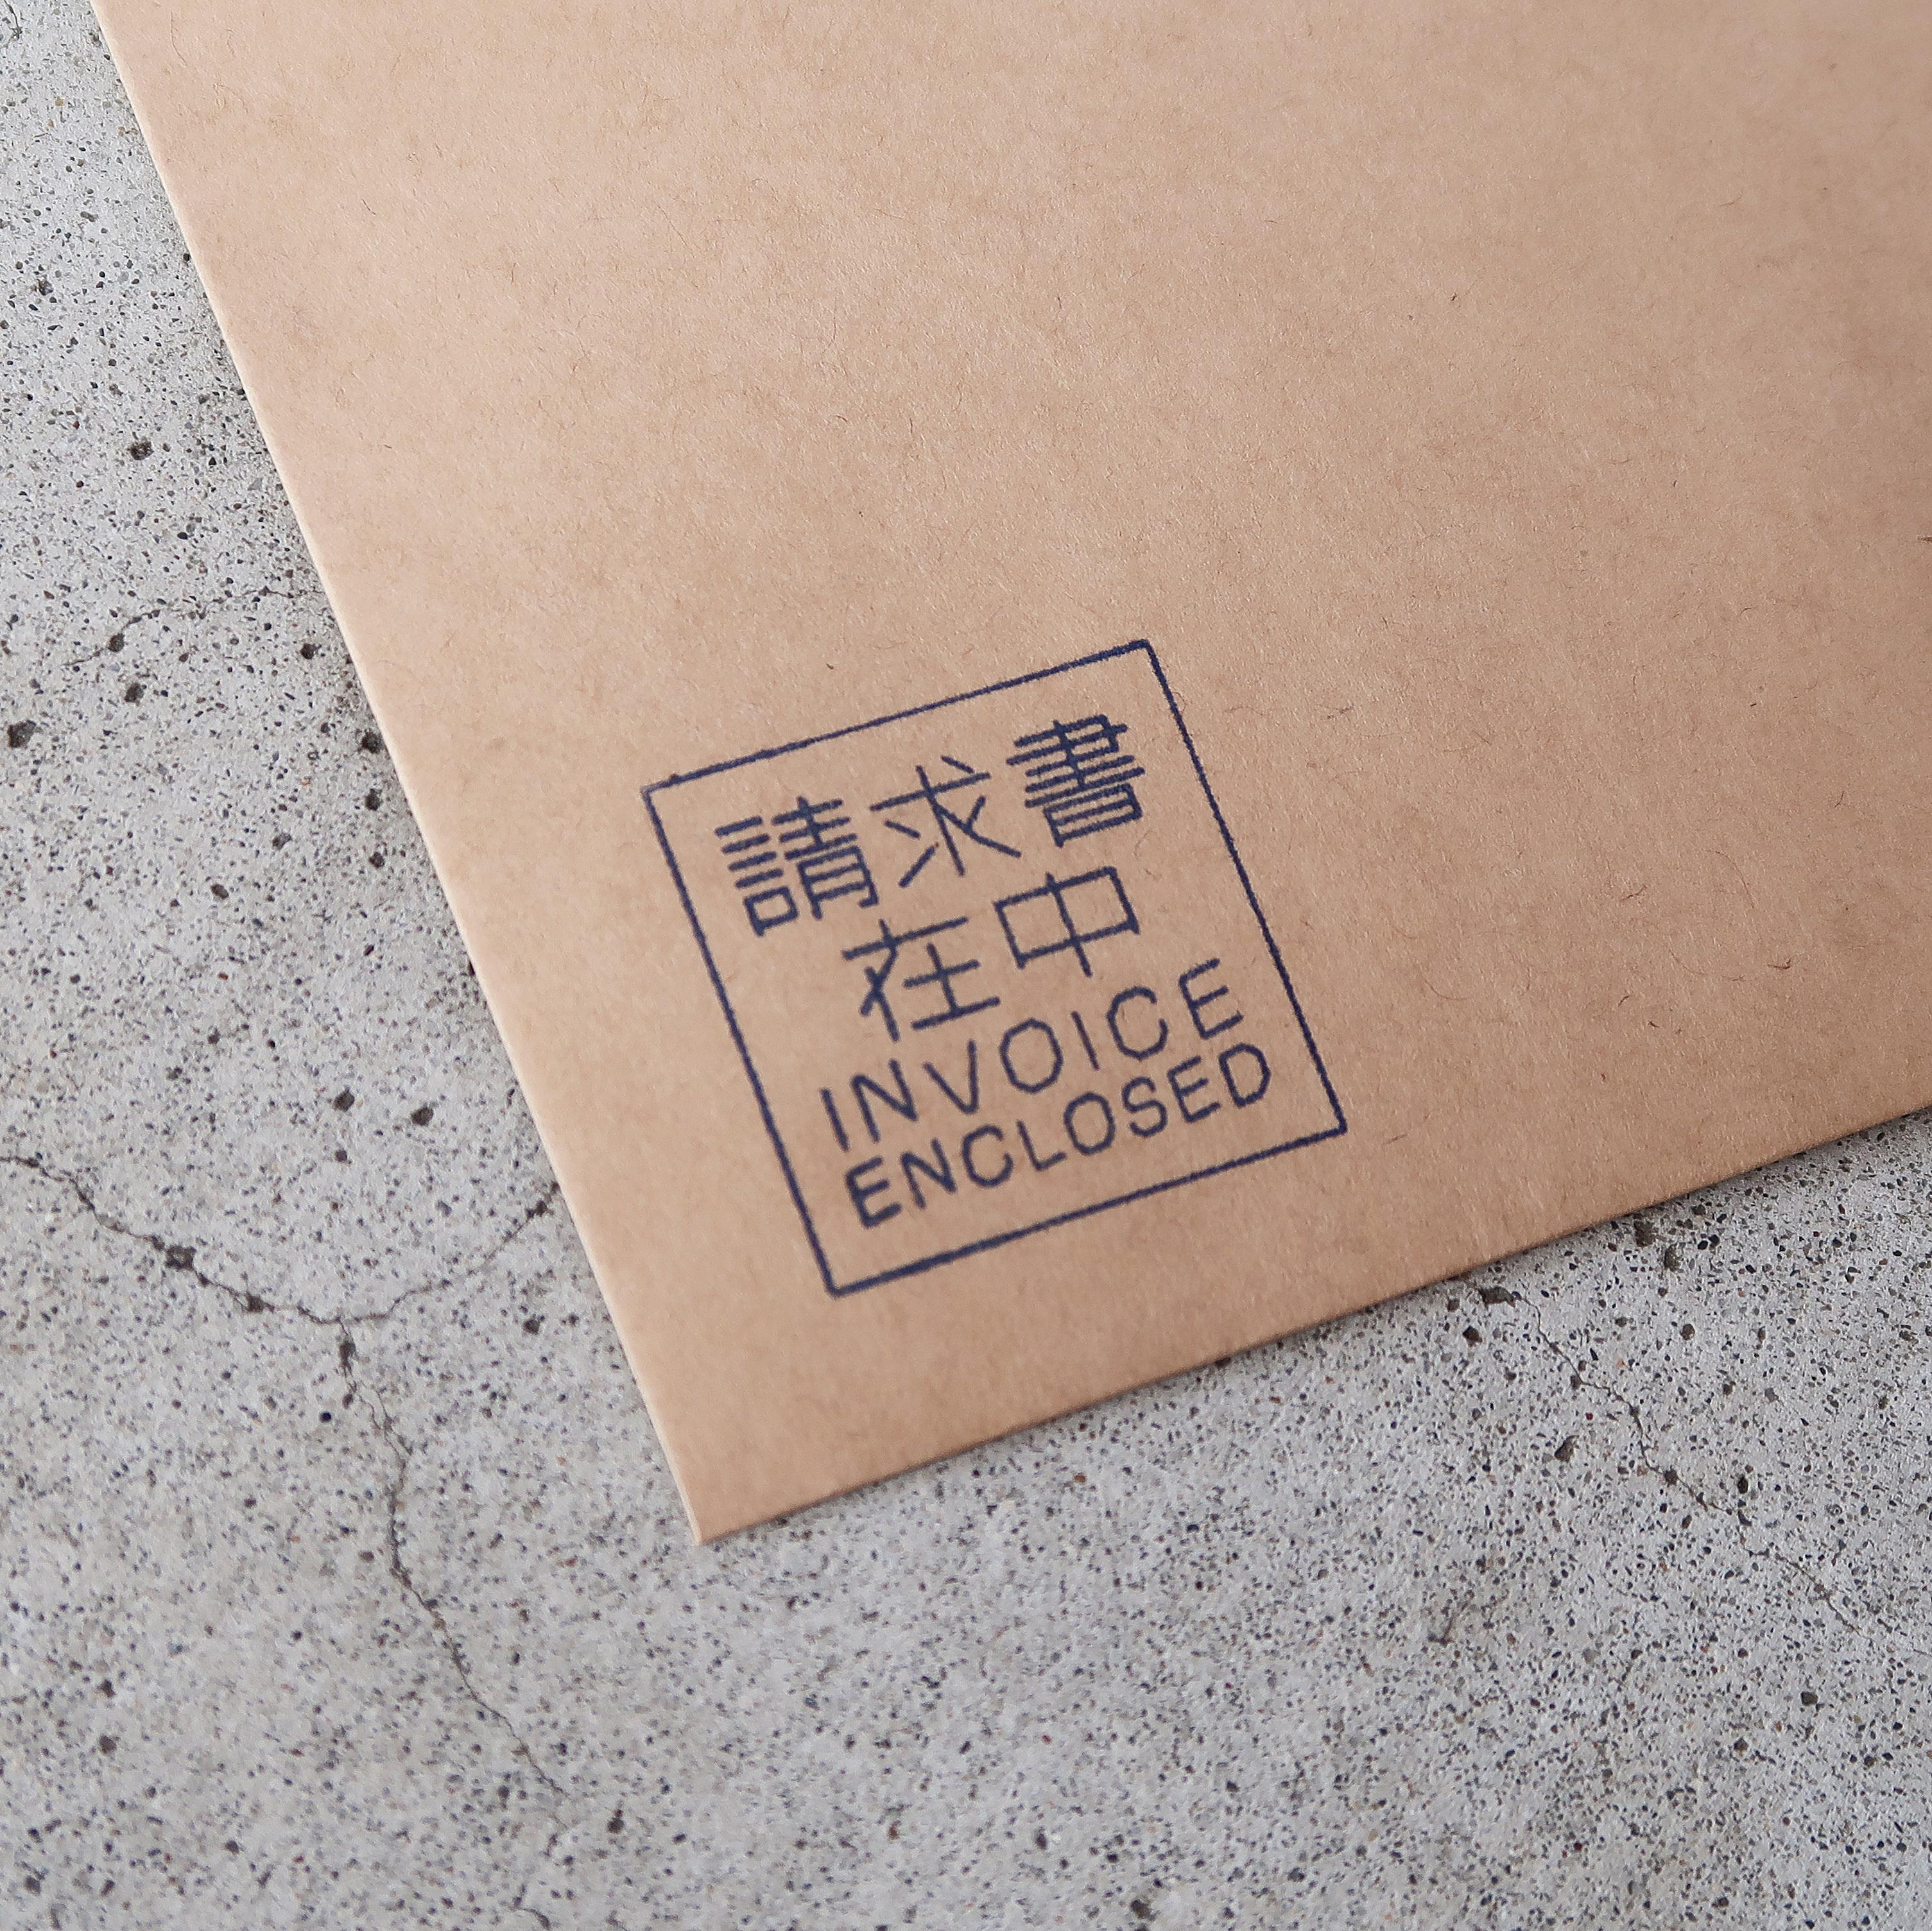 ゴム印 請求書在中 Square 30mm